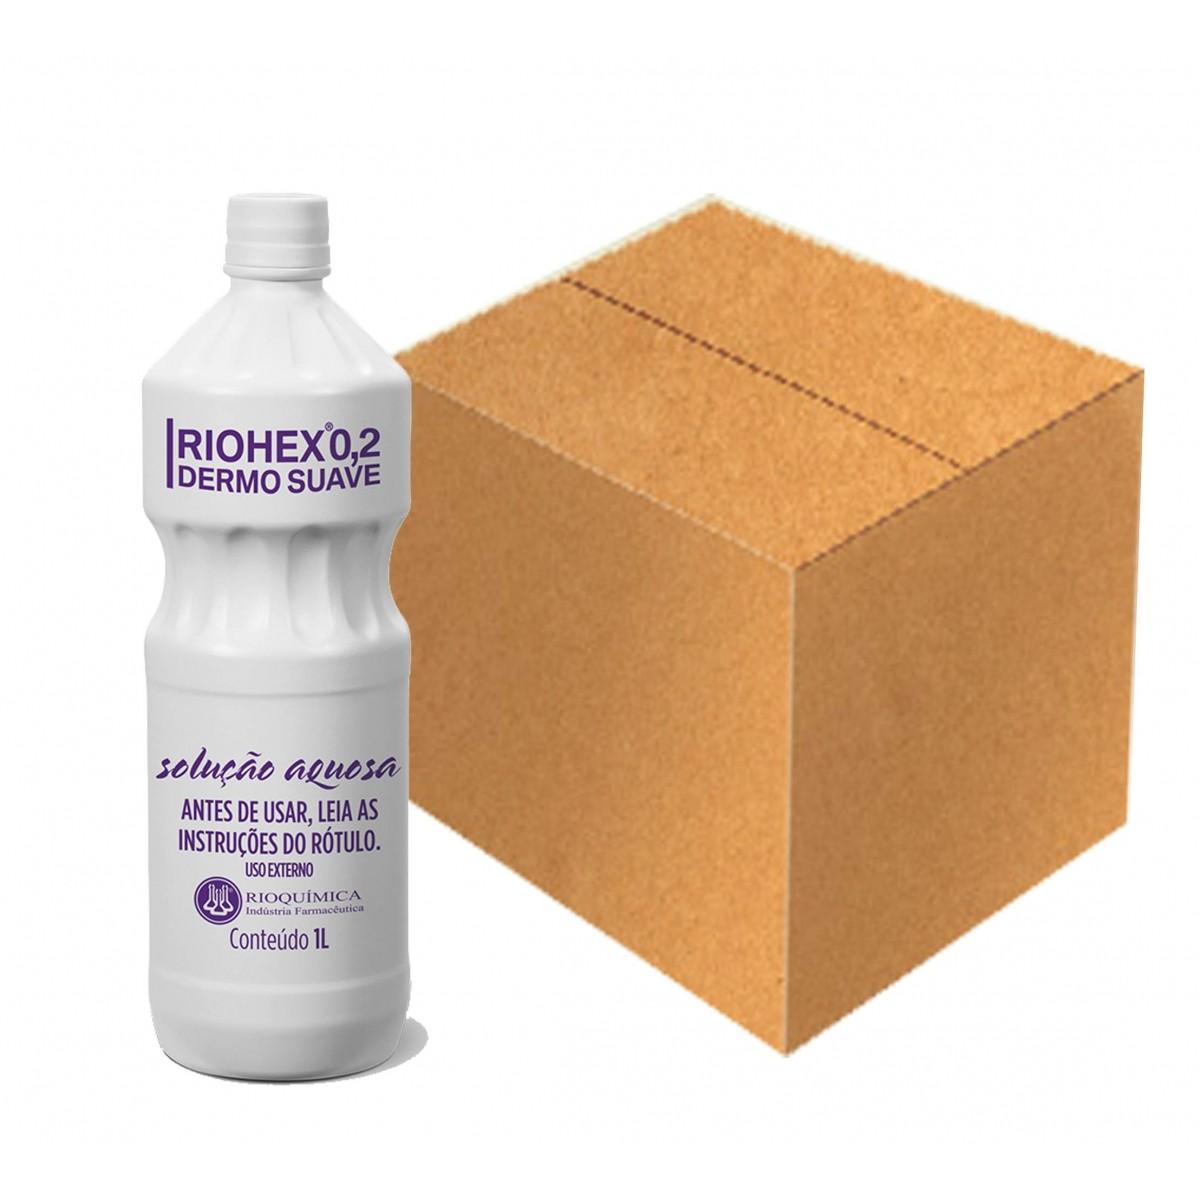 Riohex 0,2% Dermo Suave Solução Aquosa 1L  Caixa c/ 12 Unidades - RIOQUÍMICA